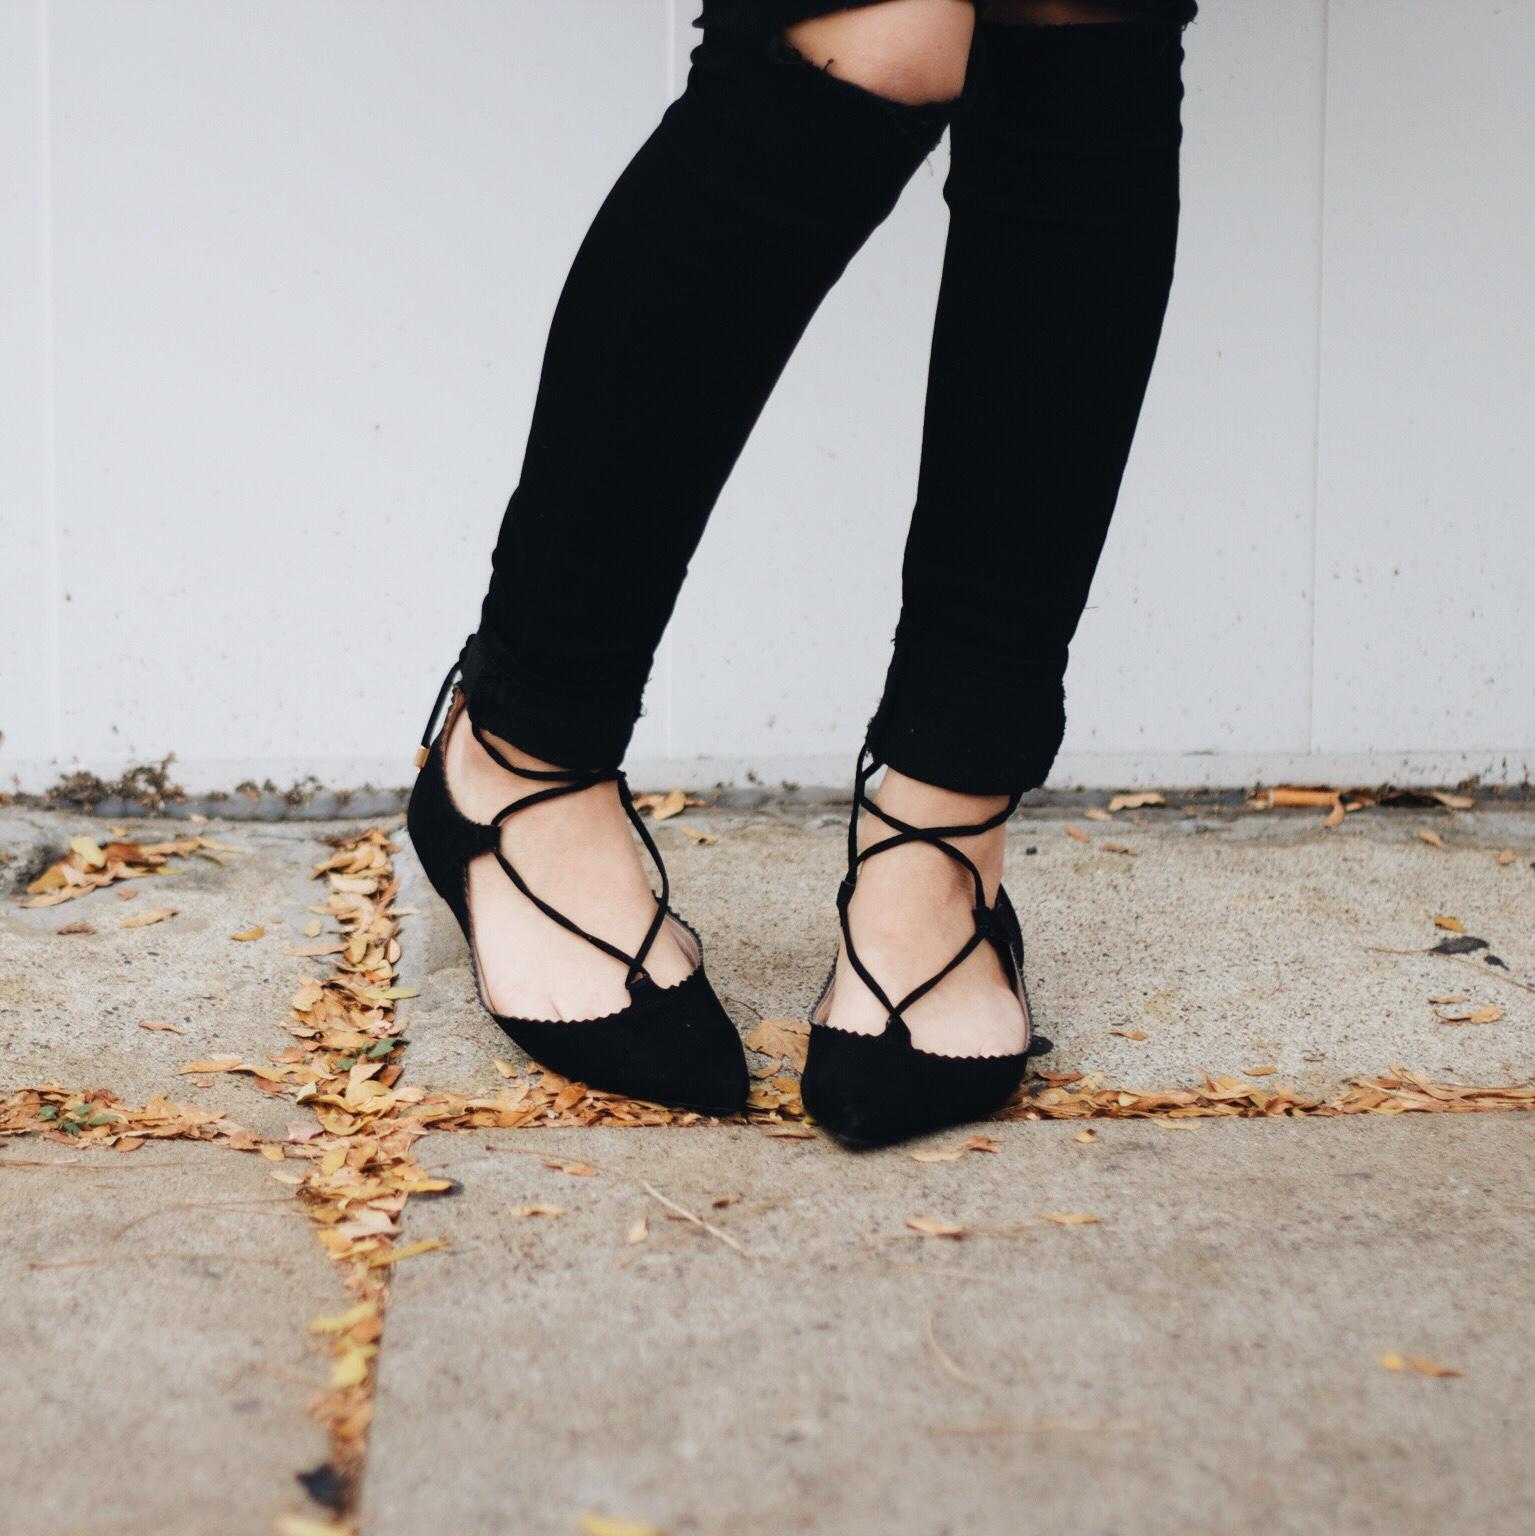 Shoes / Topshop  Pants / Pacsun